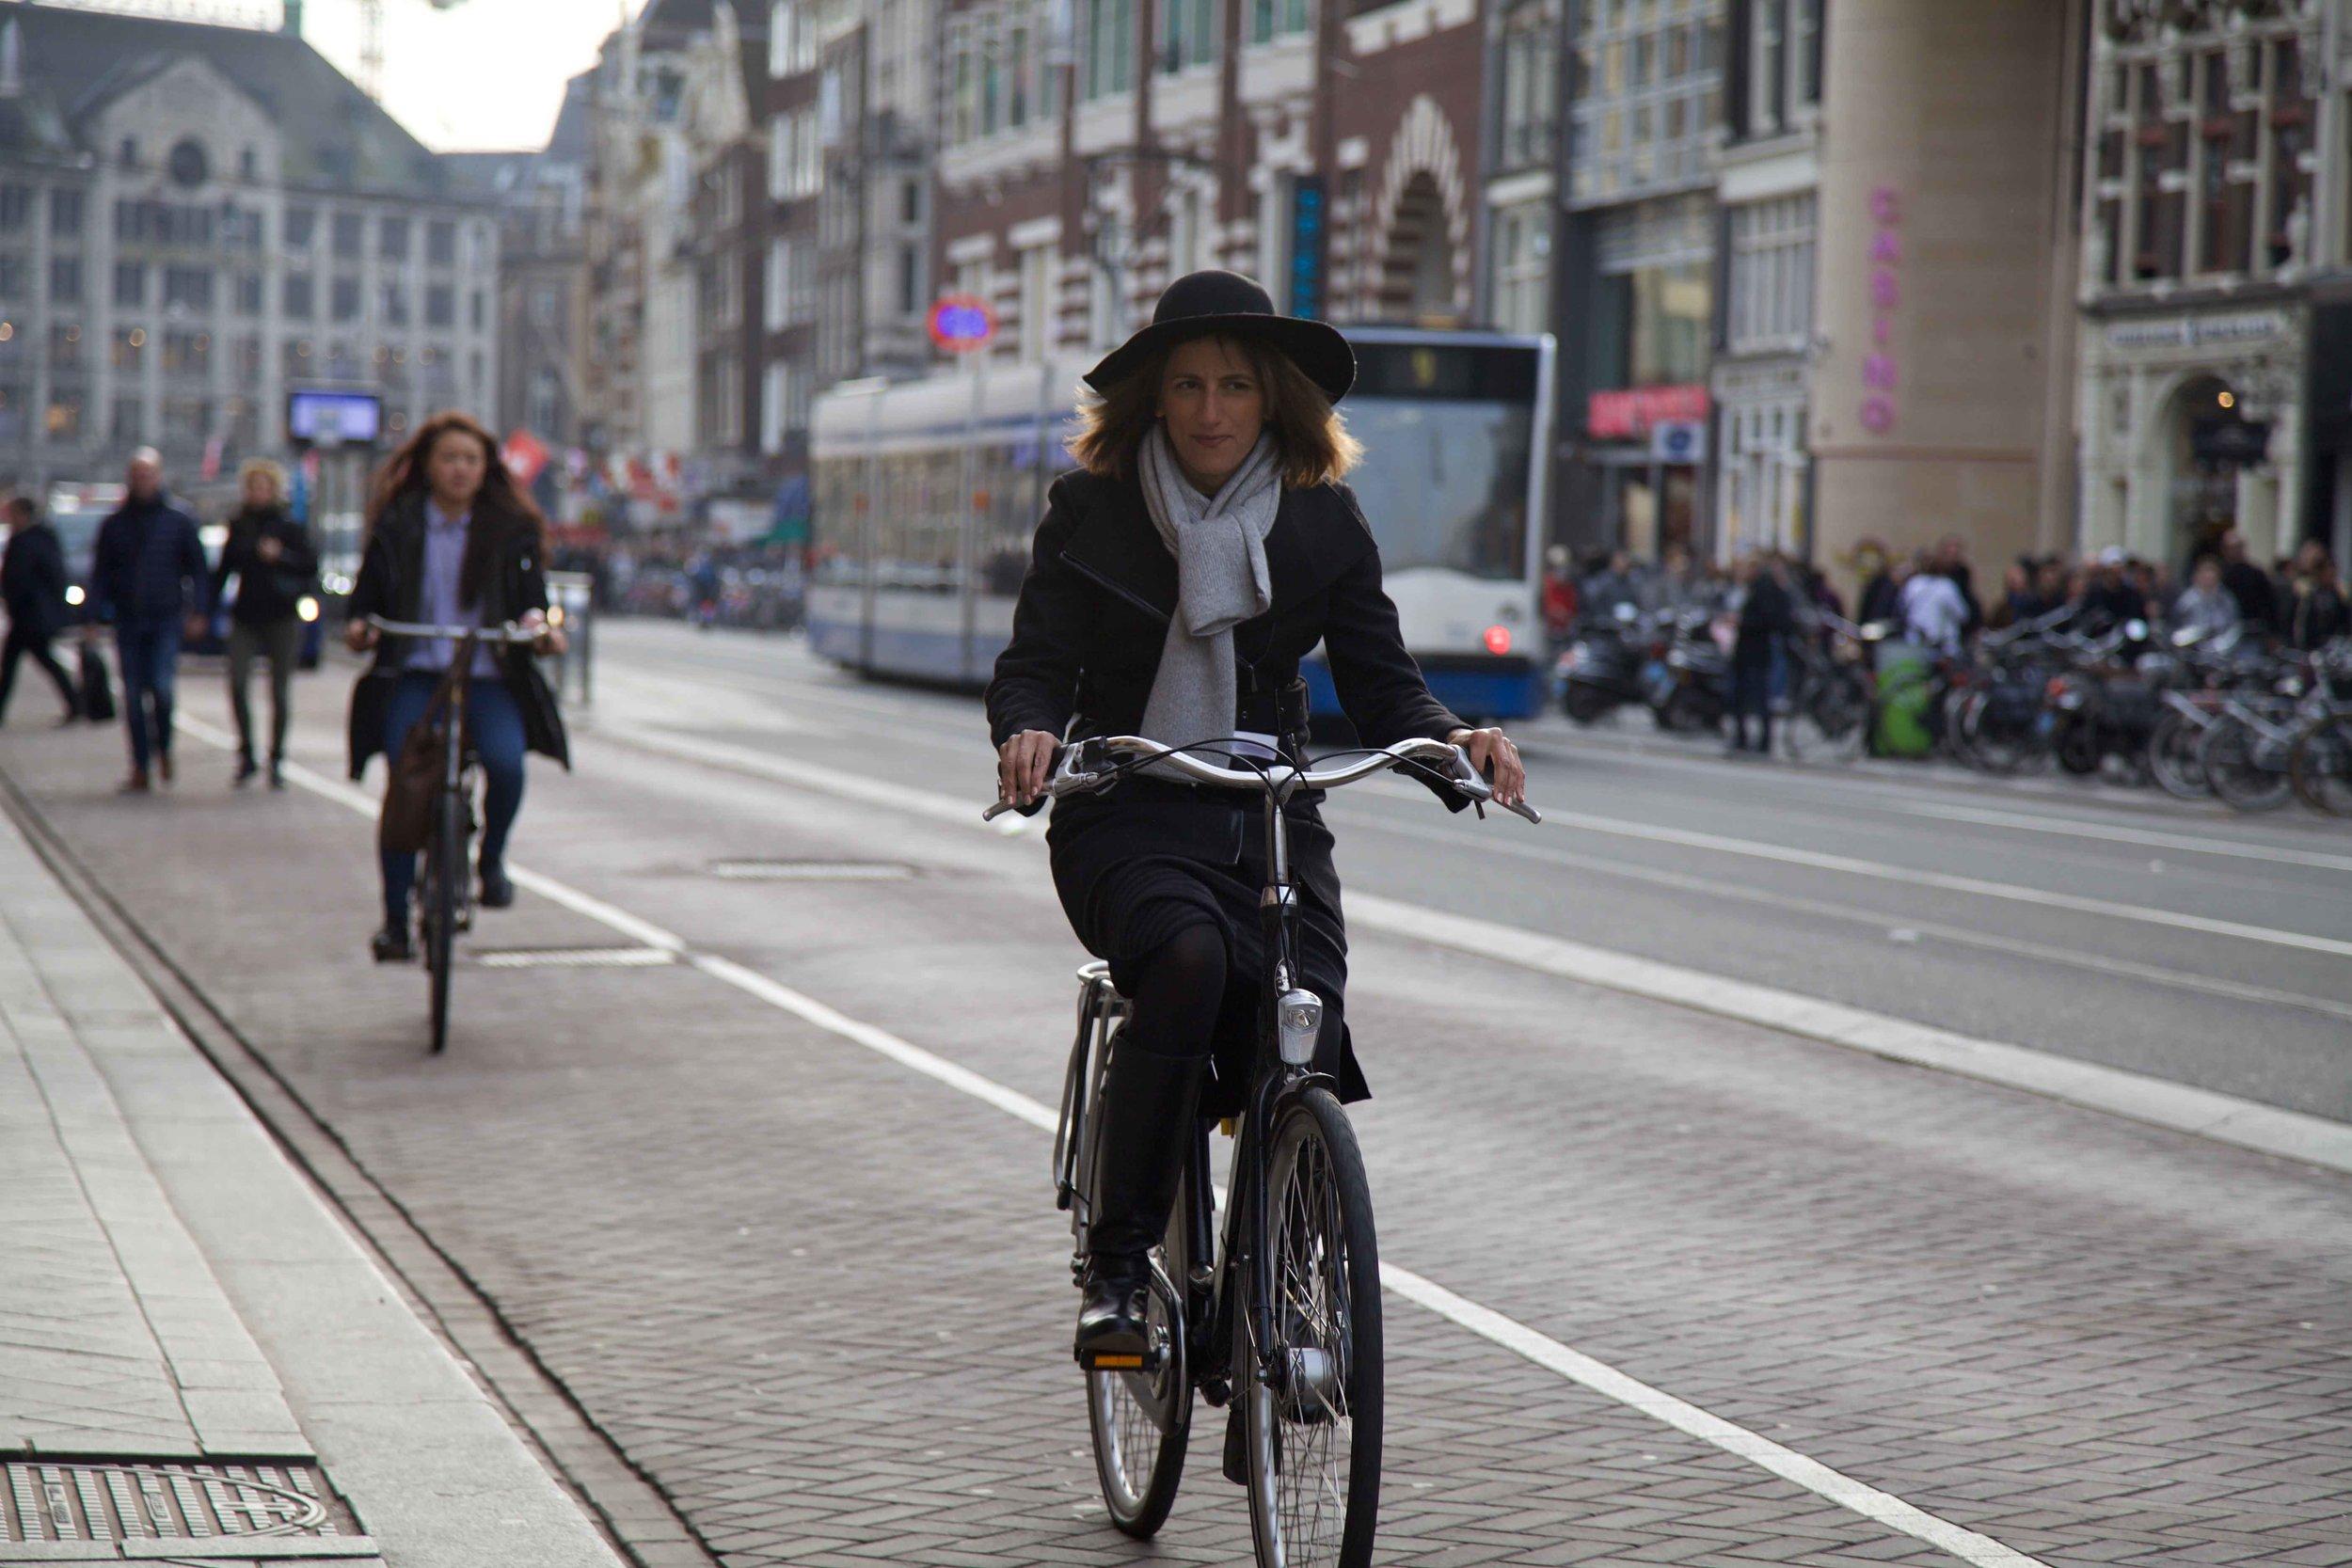 Nieuwezijds Voorburgwal, Amsterdam.Photo: Fabio Ricci. Image©thingstodot.com